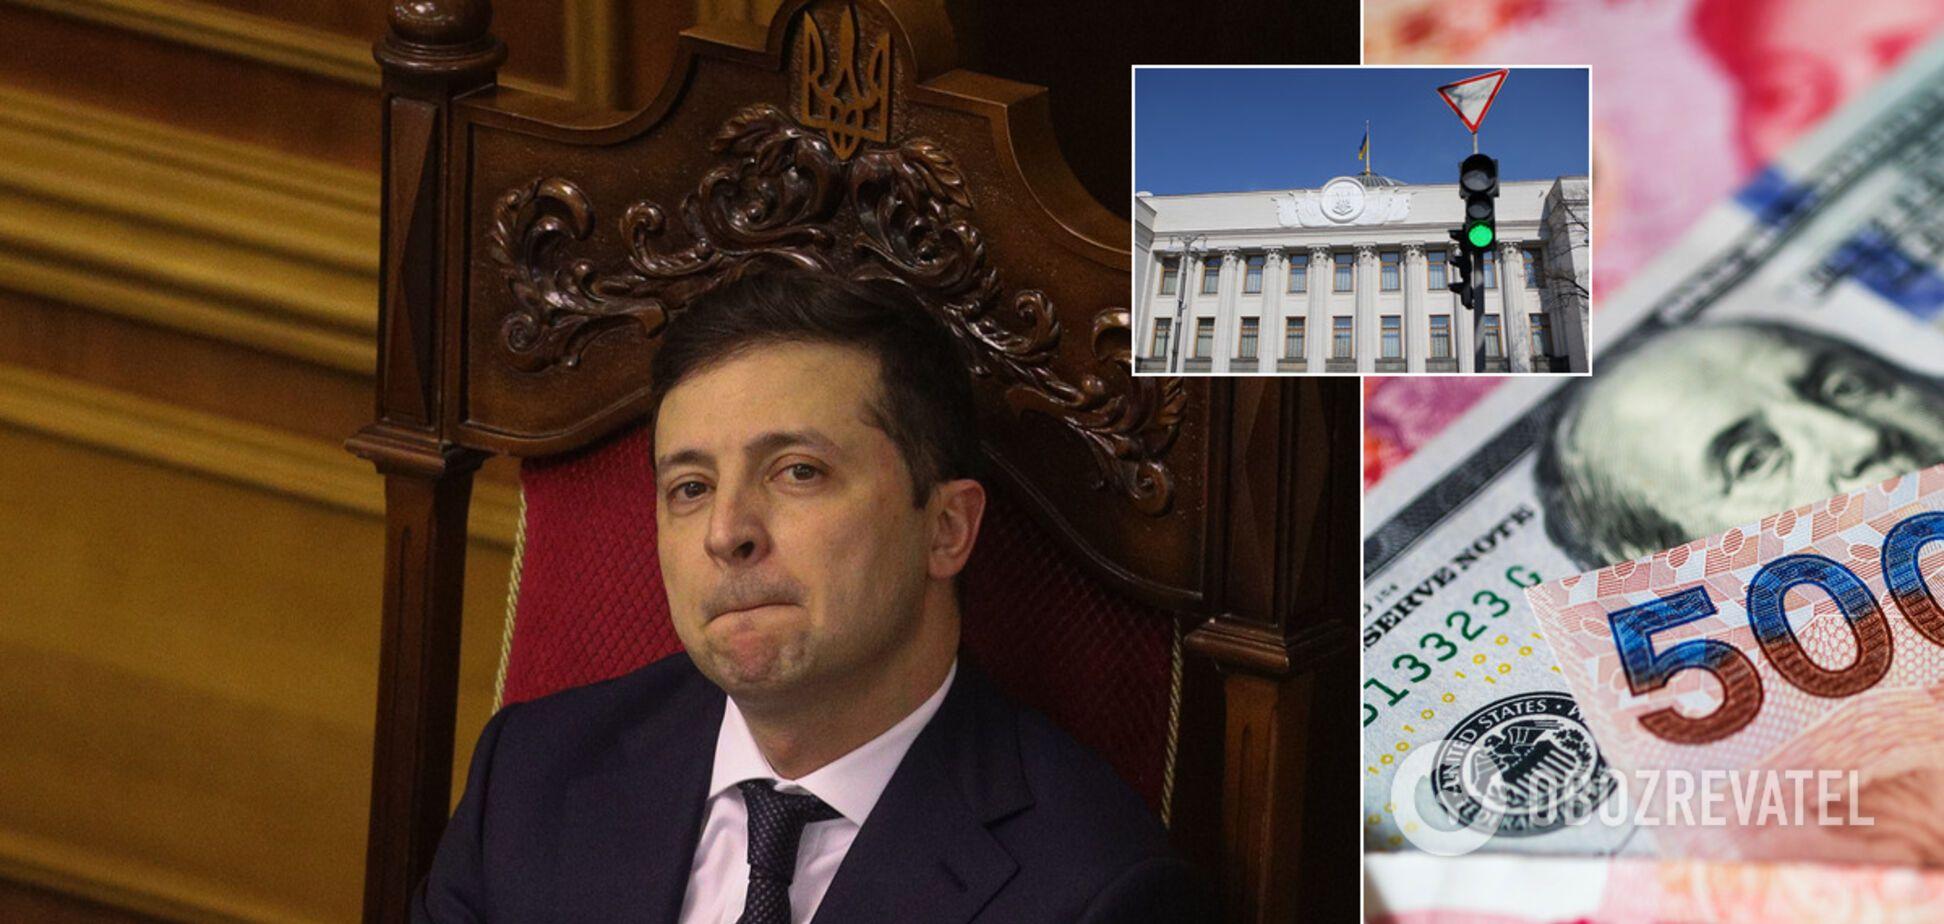 Цугцванг Зеленського, або Як президенту зберегти 'Слугу народу' та отримати гроші МВФ